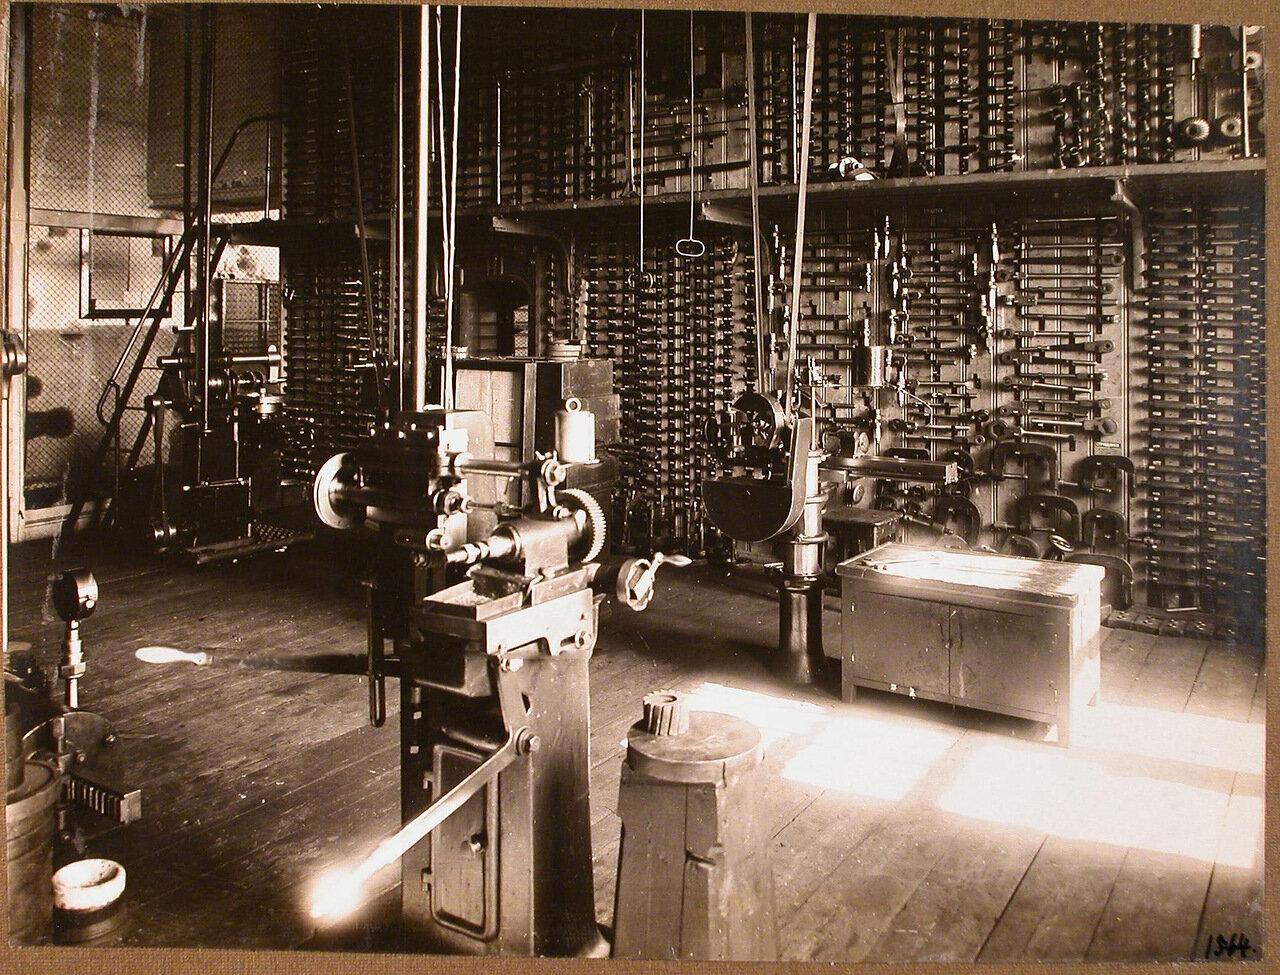 31. Вид станков (на переднем плане) и инструментов (трещеток, струбцинок, коловоротов и других) в одном из цехов мастерской